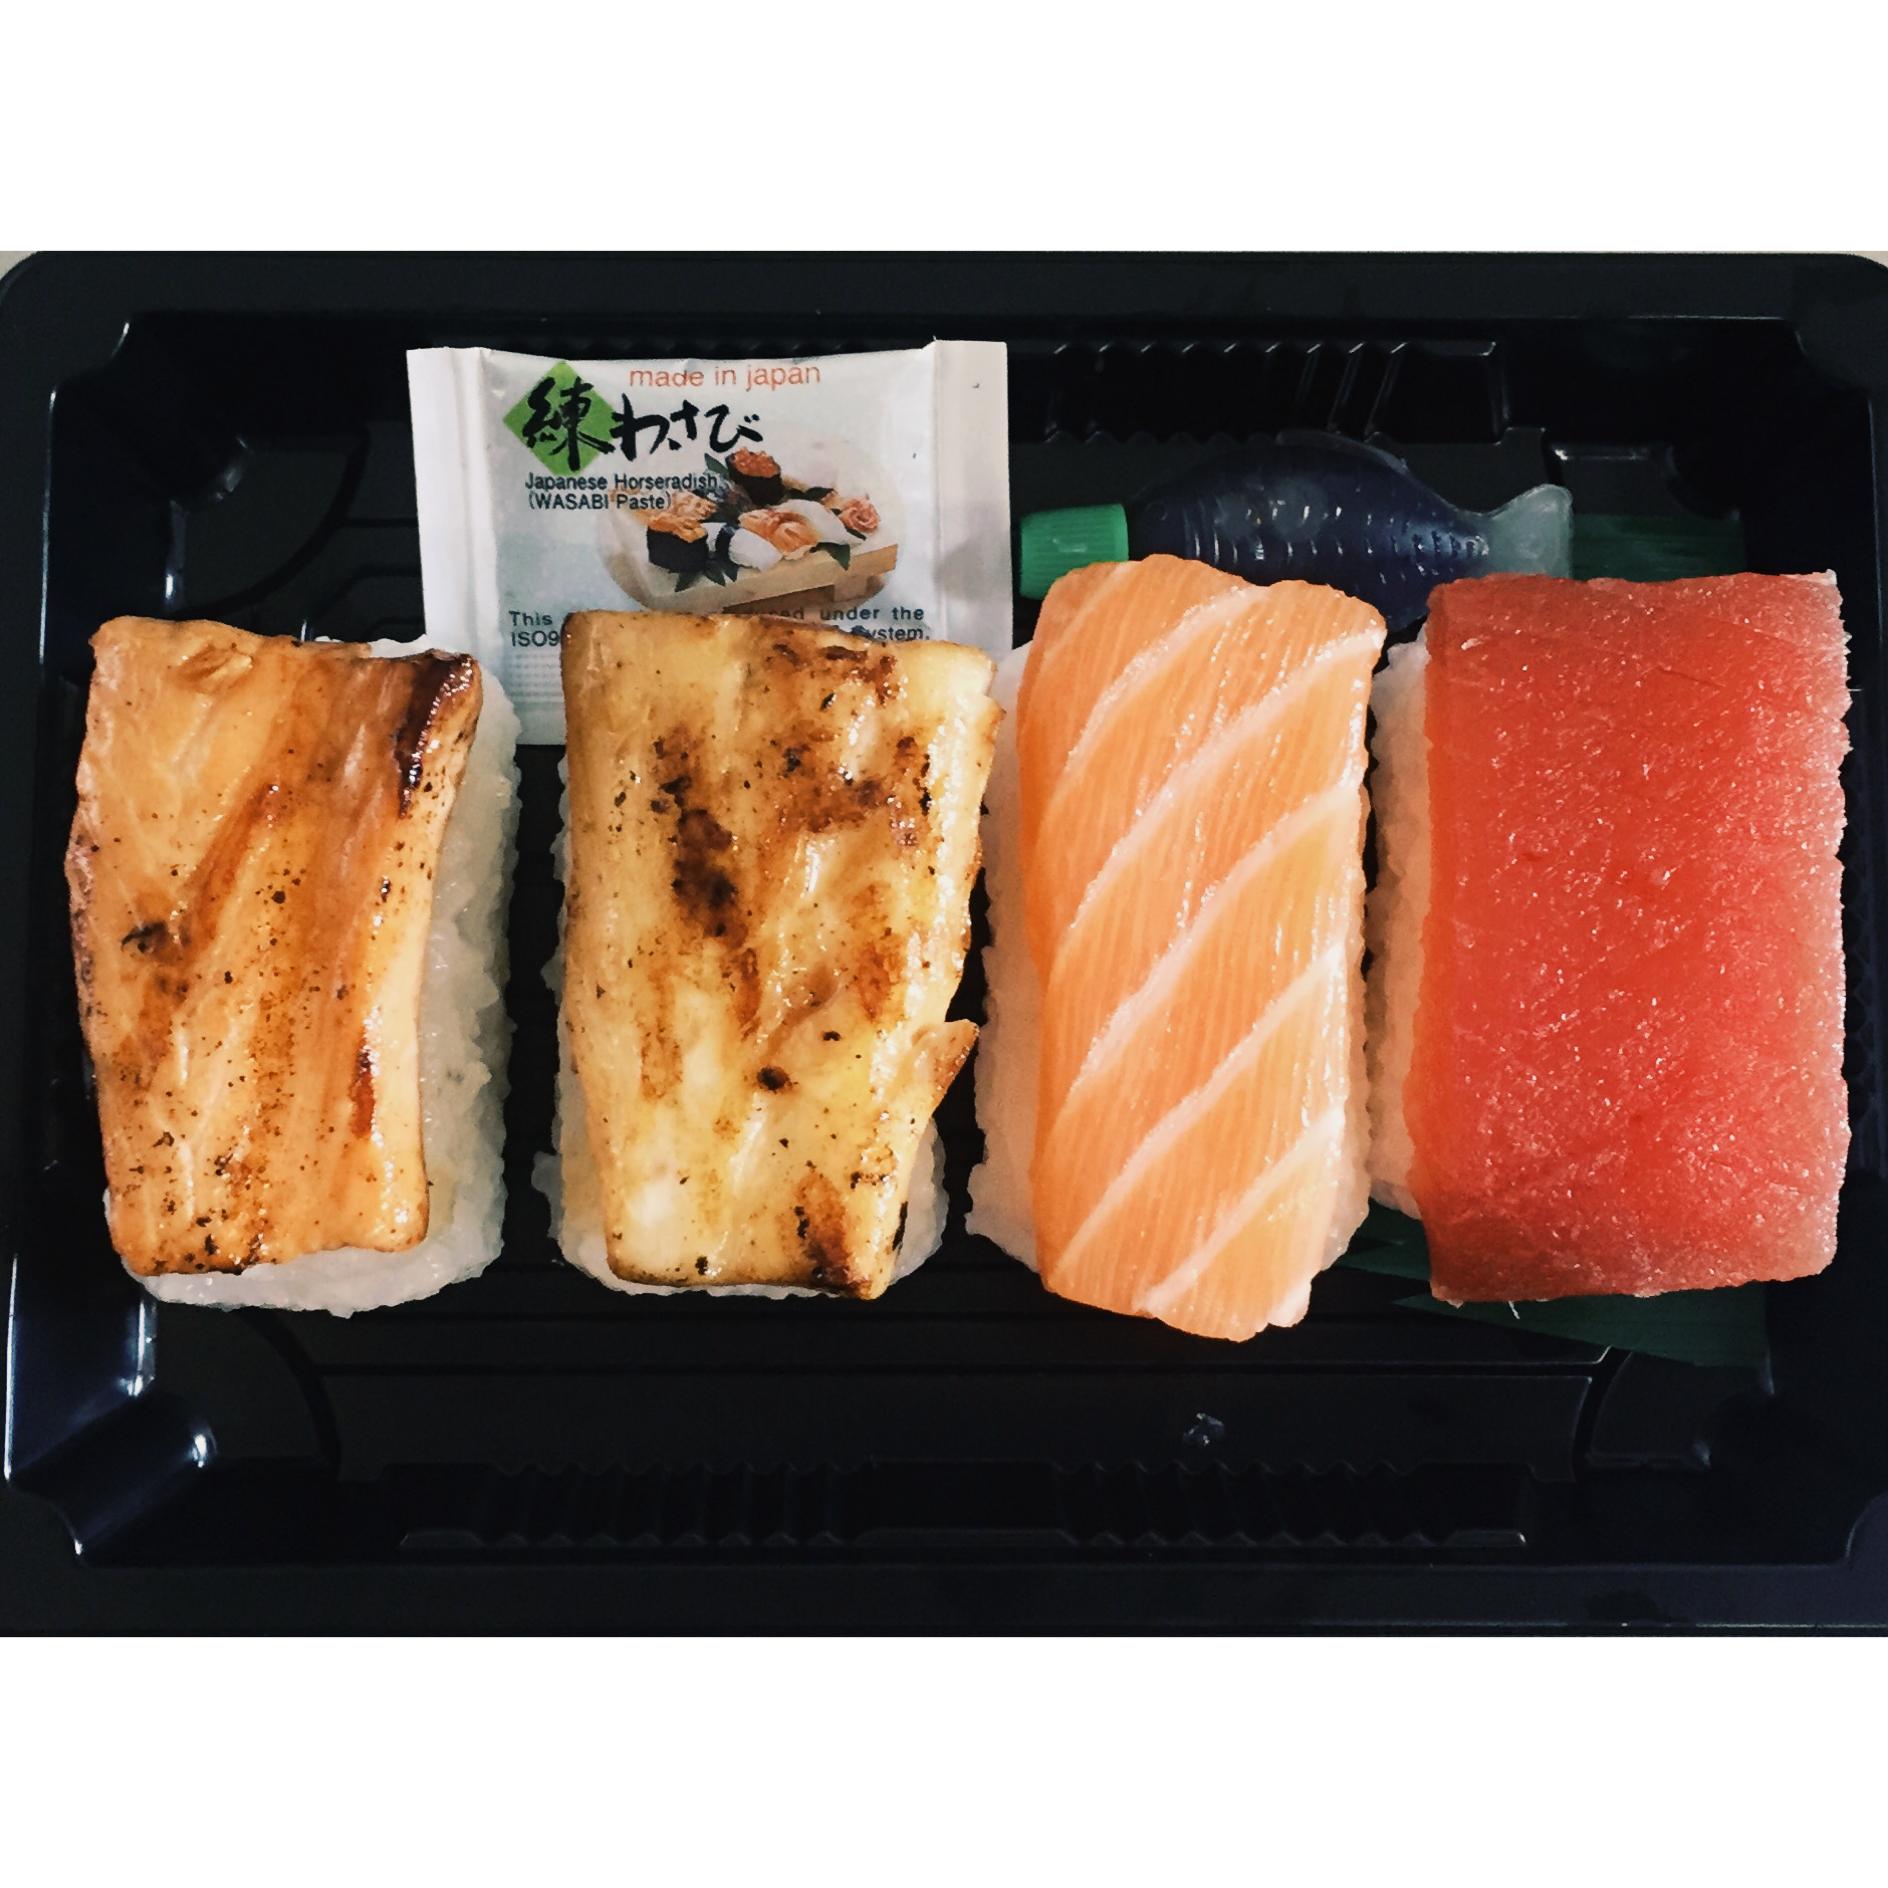 THE MIXED NIGIRI BOX - £6  Includes 2 x grilled teriyaki salmon, 2 x teriyaki sea bass and 2 x salmon nigiri